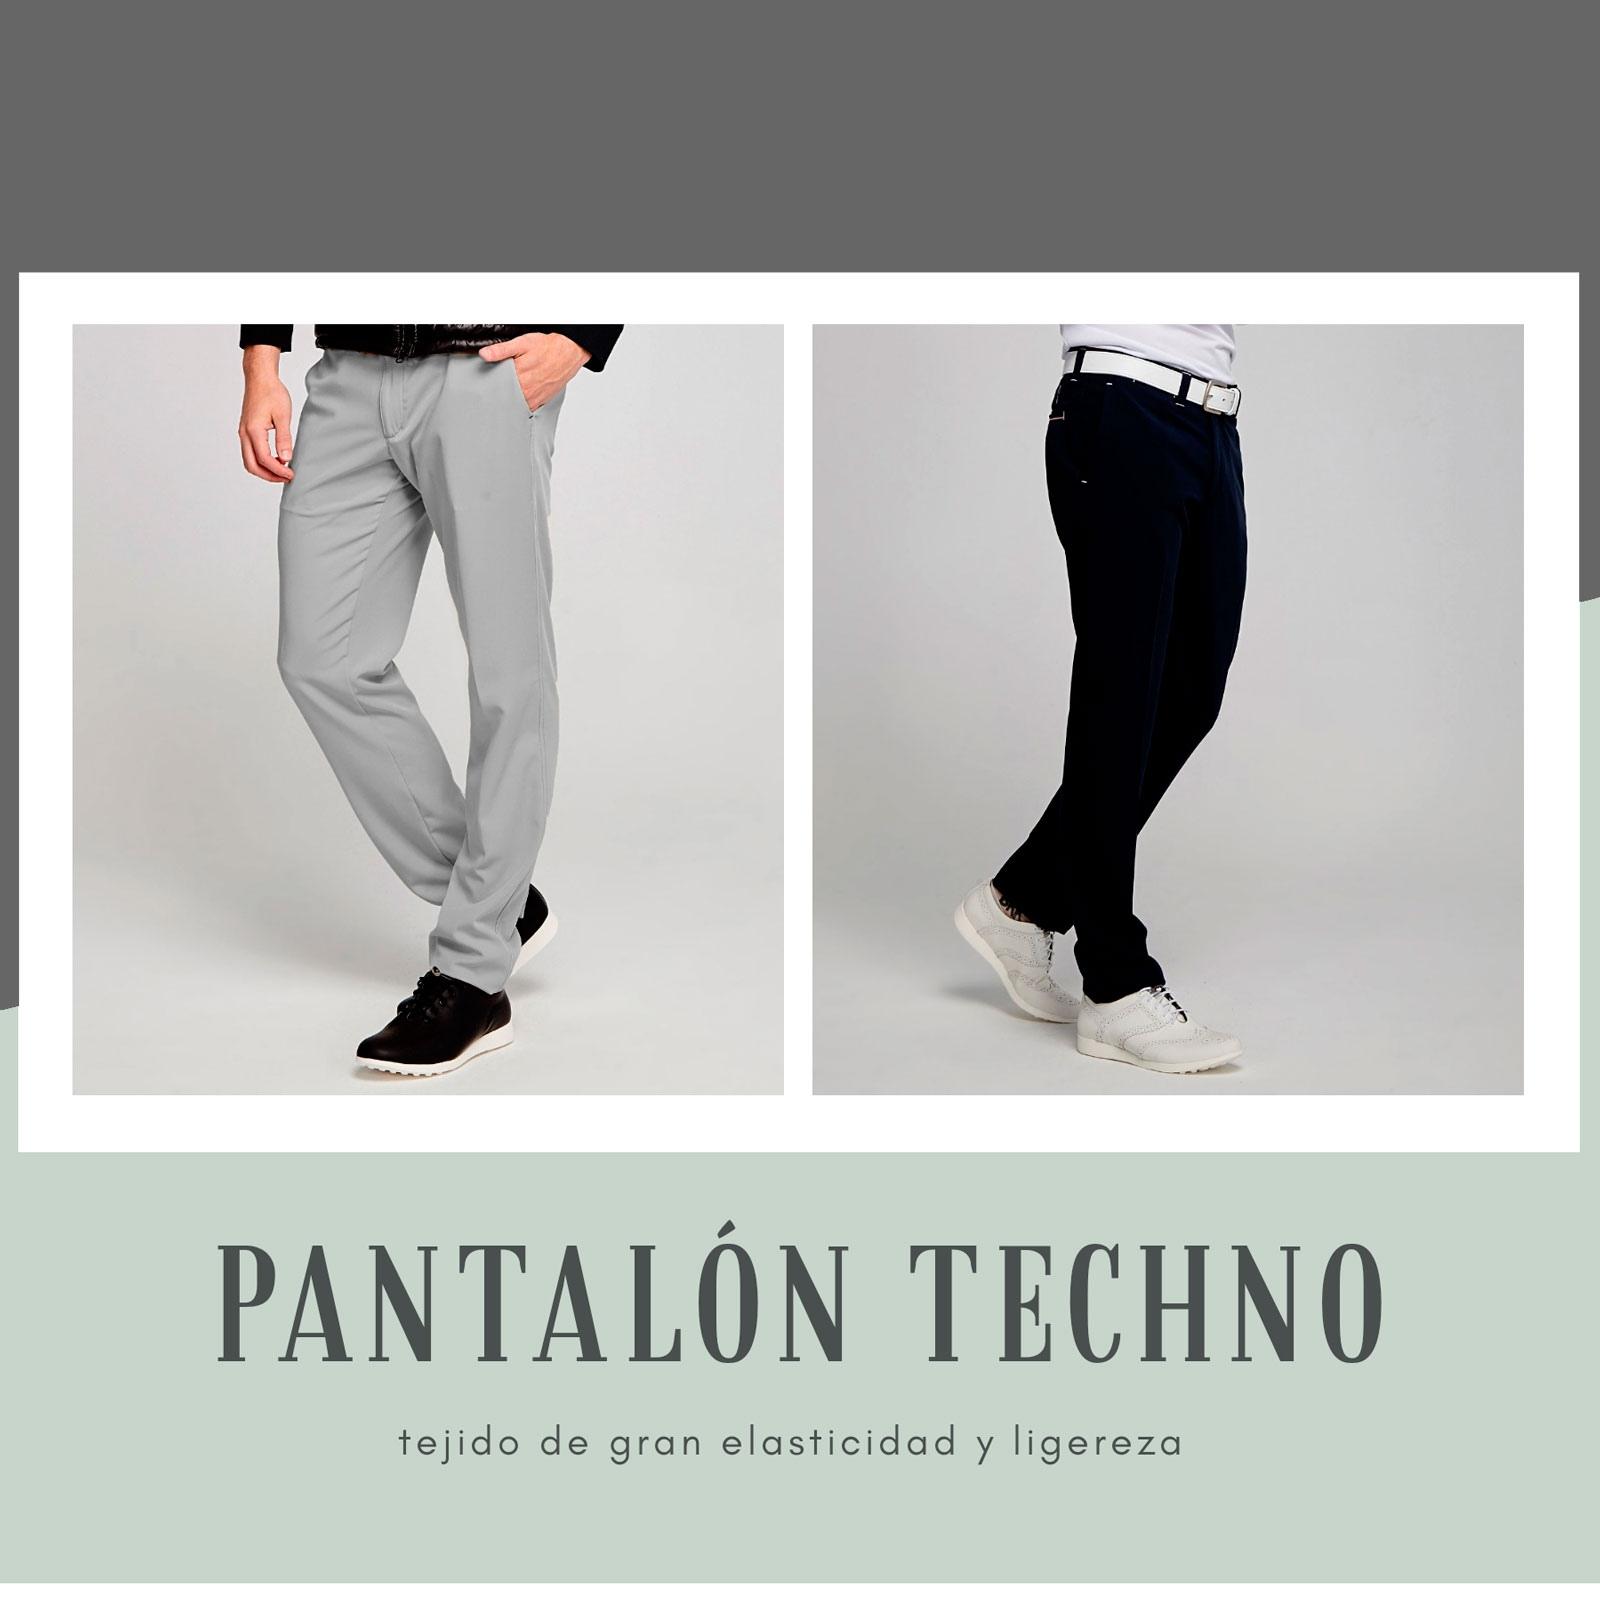 Pantalón Techno